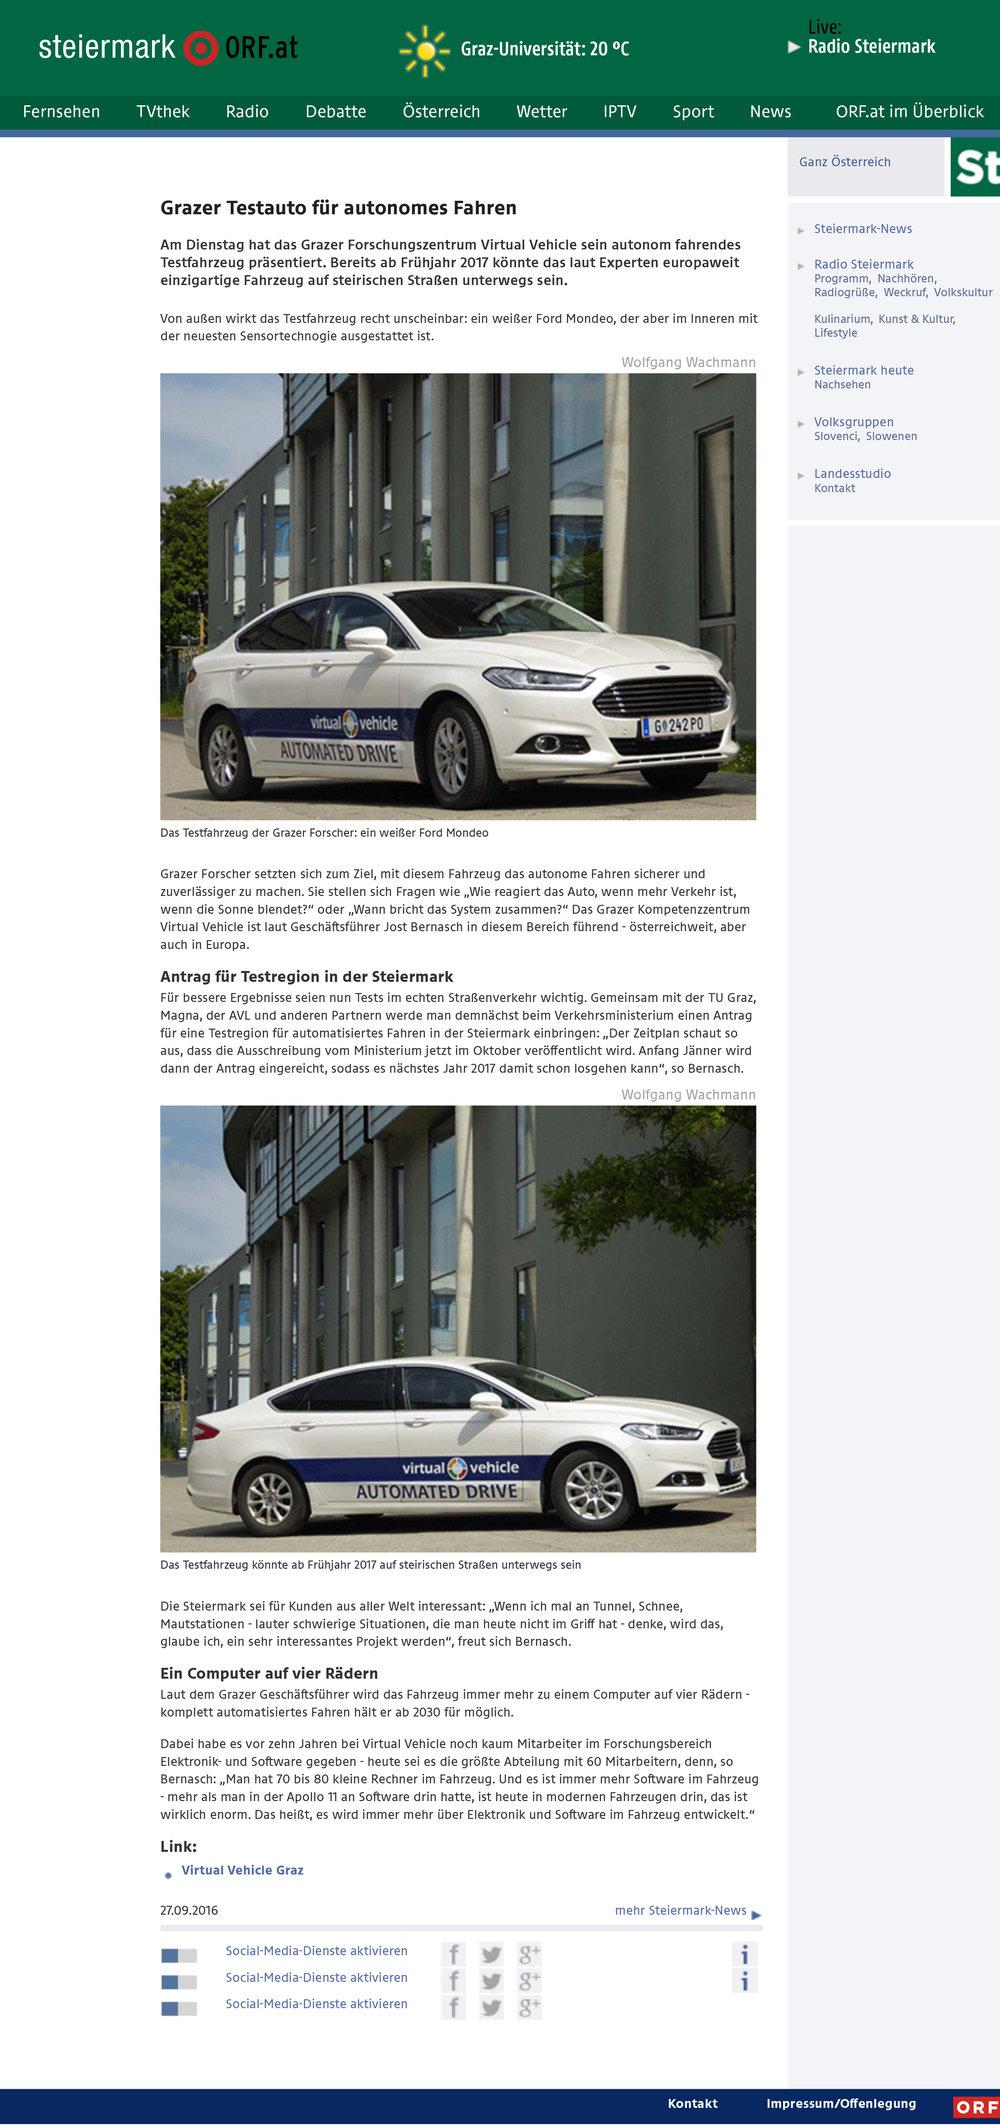 steiermark.orf.at---Grazer-Testauto-für-autonomes-Fahren---steiermark.ORF.at.jpg